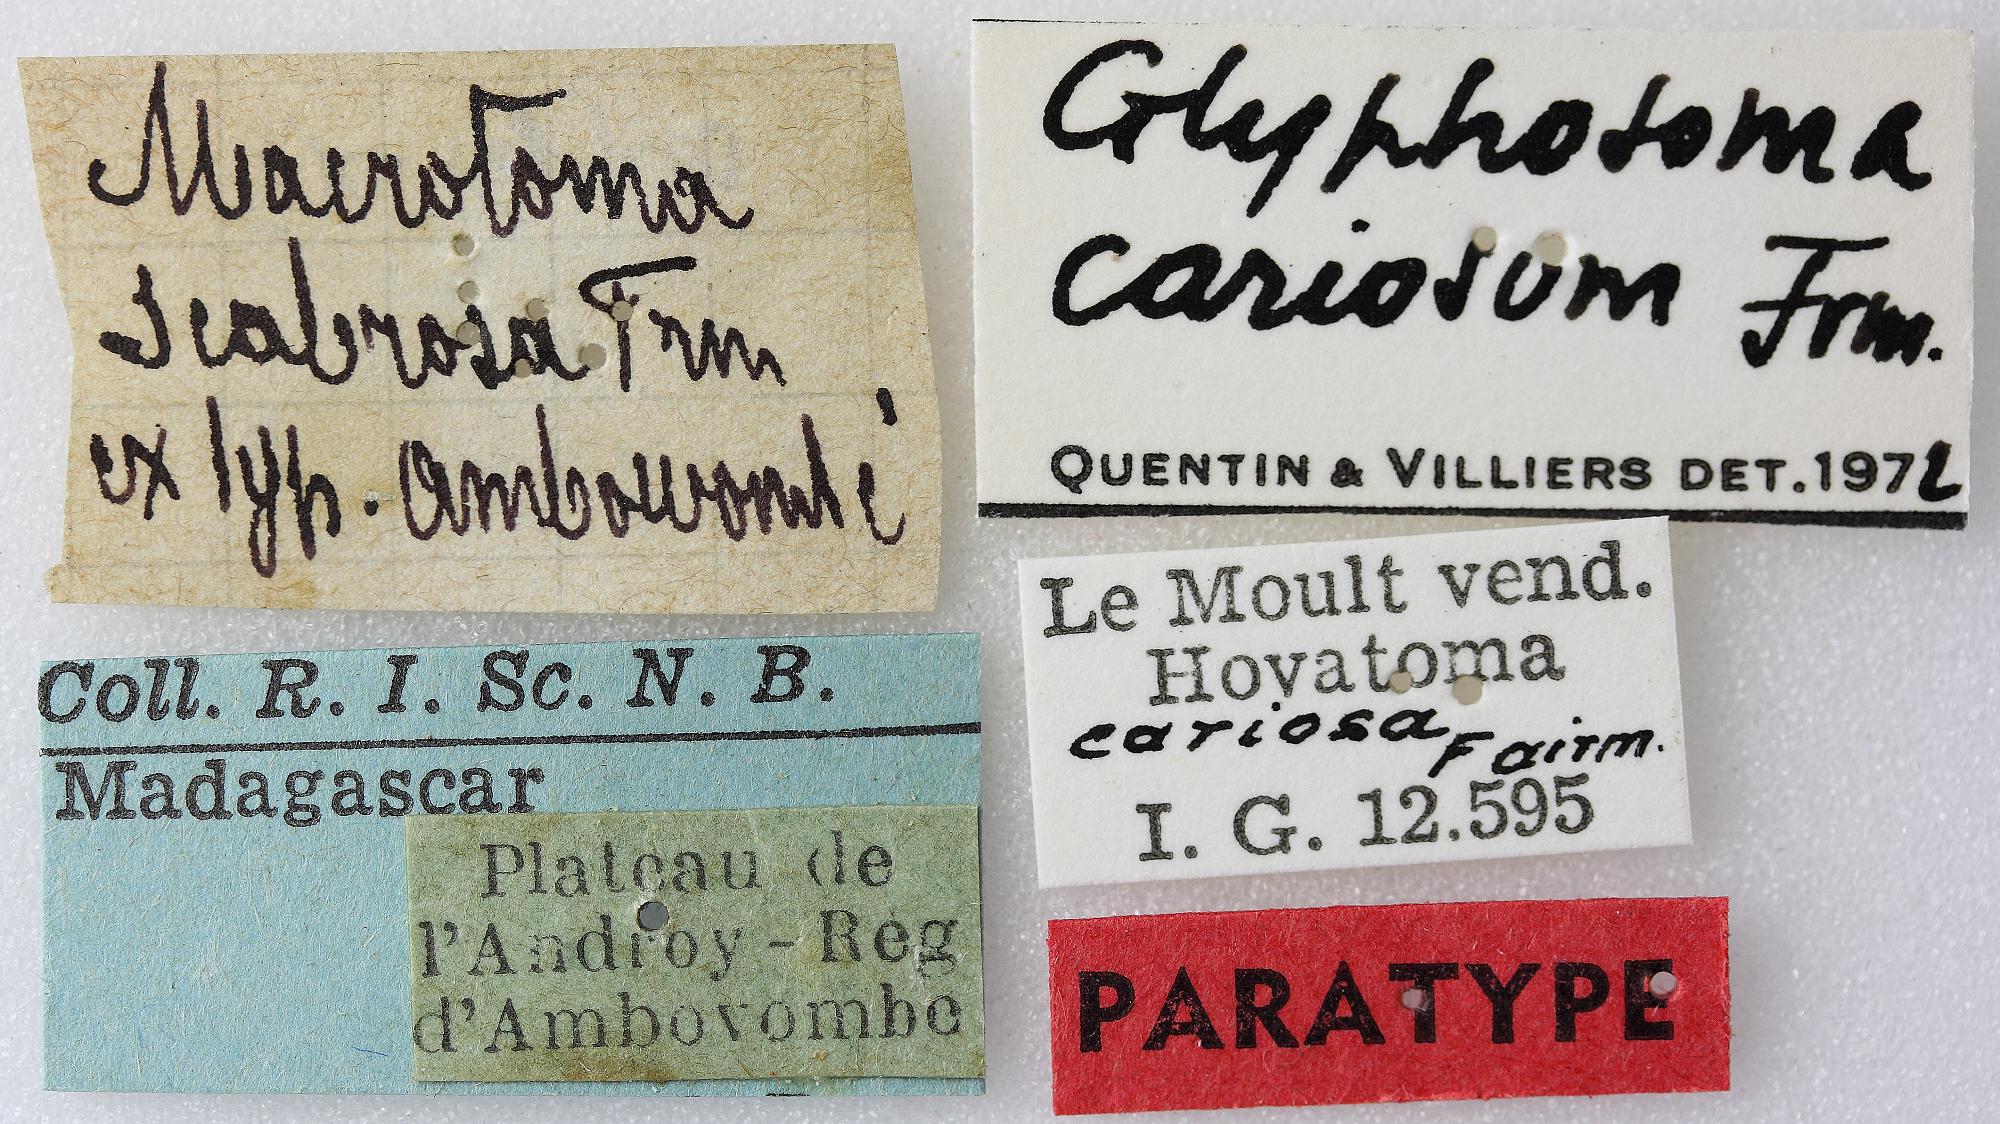 Macrotoma cariosa 04 00 PAR F 036 BRUS 201405.JPG